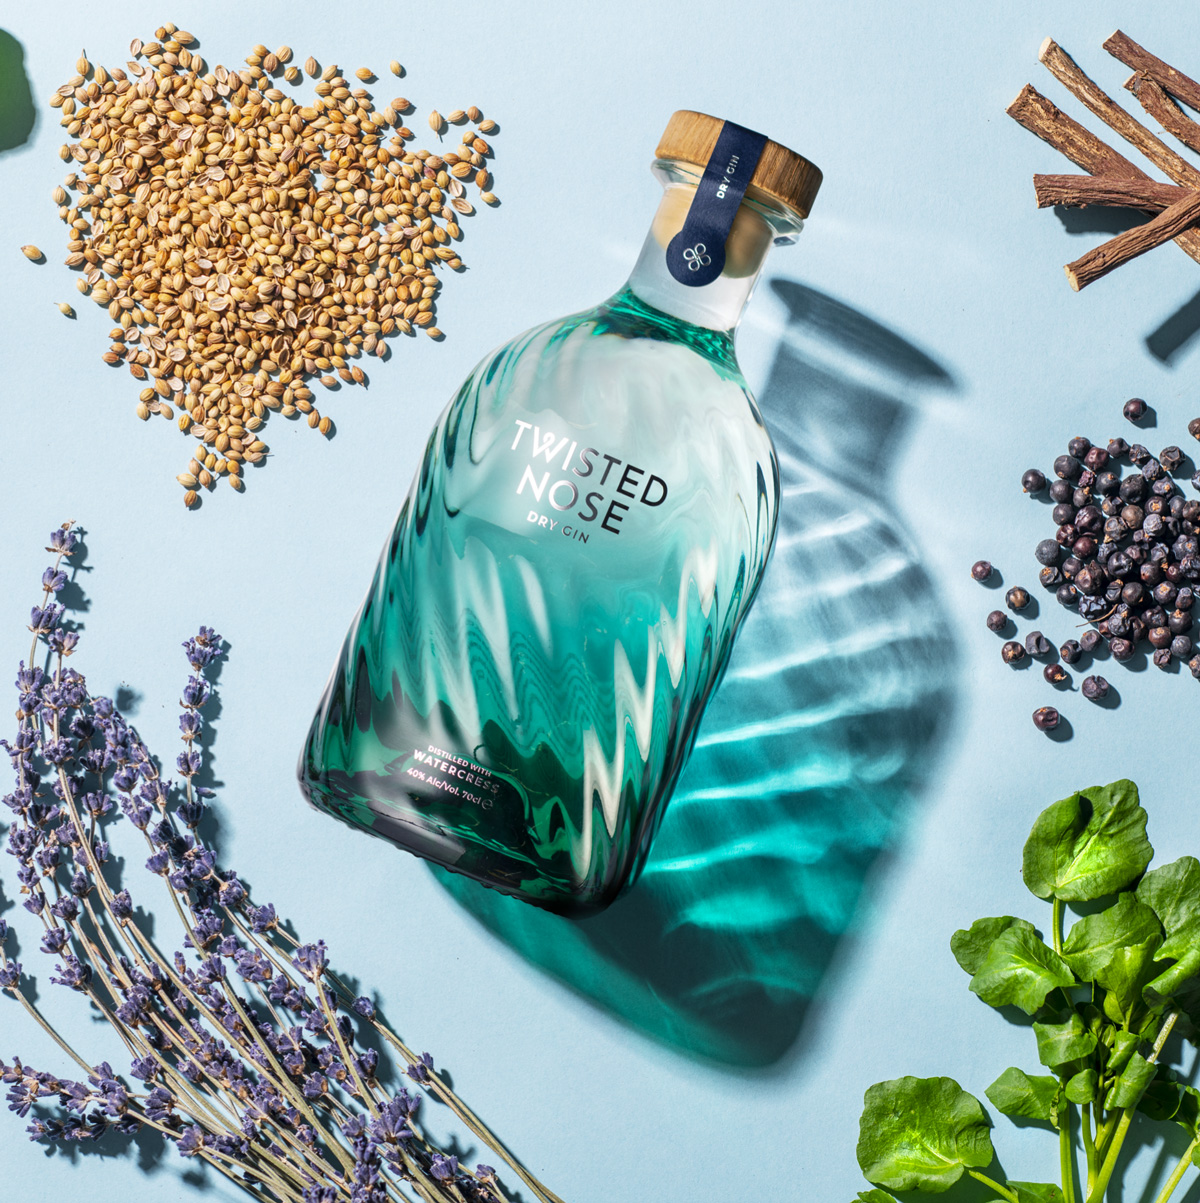 Botanicals vom Twisted Nose Gin aus Hampshire